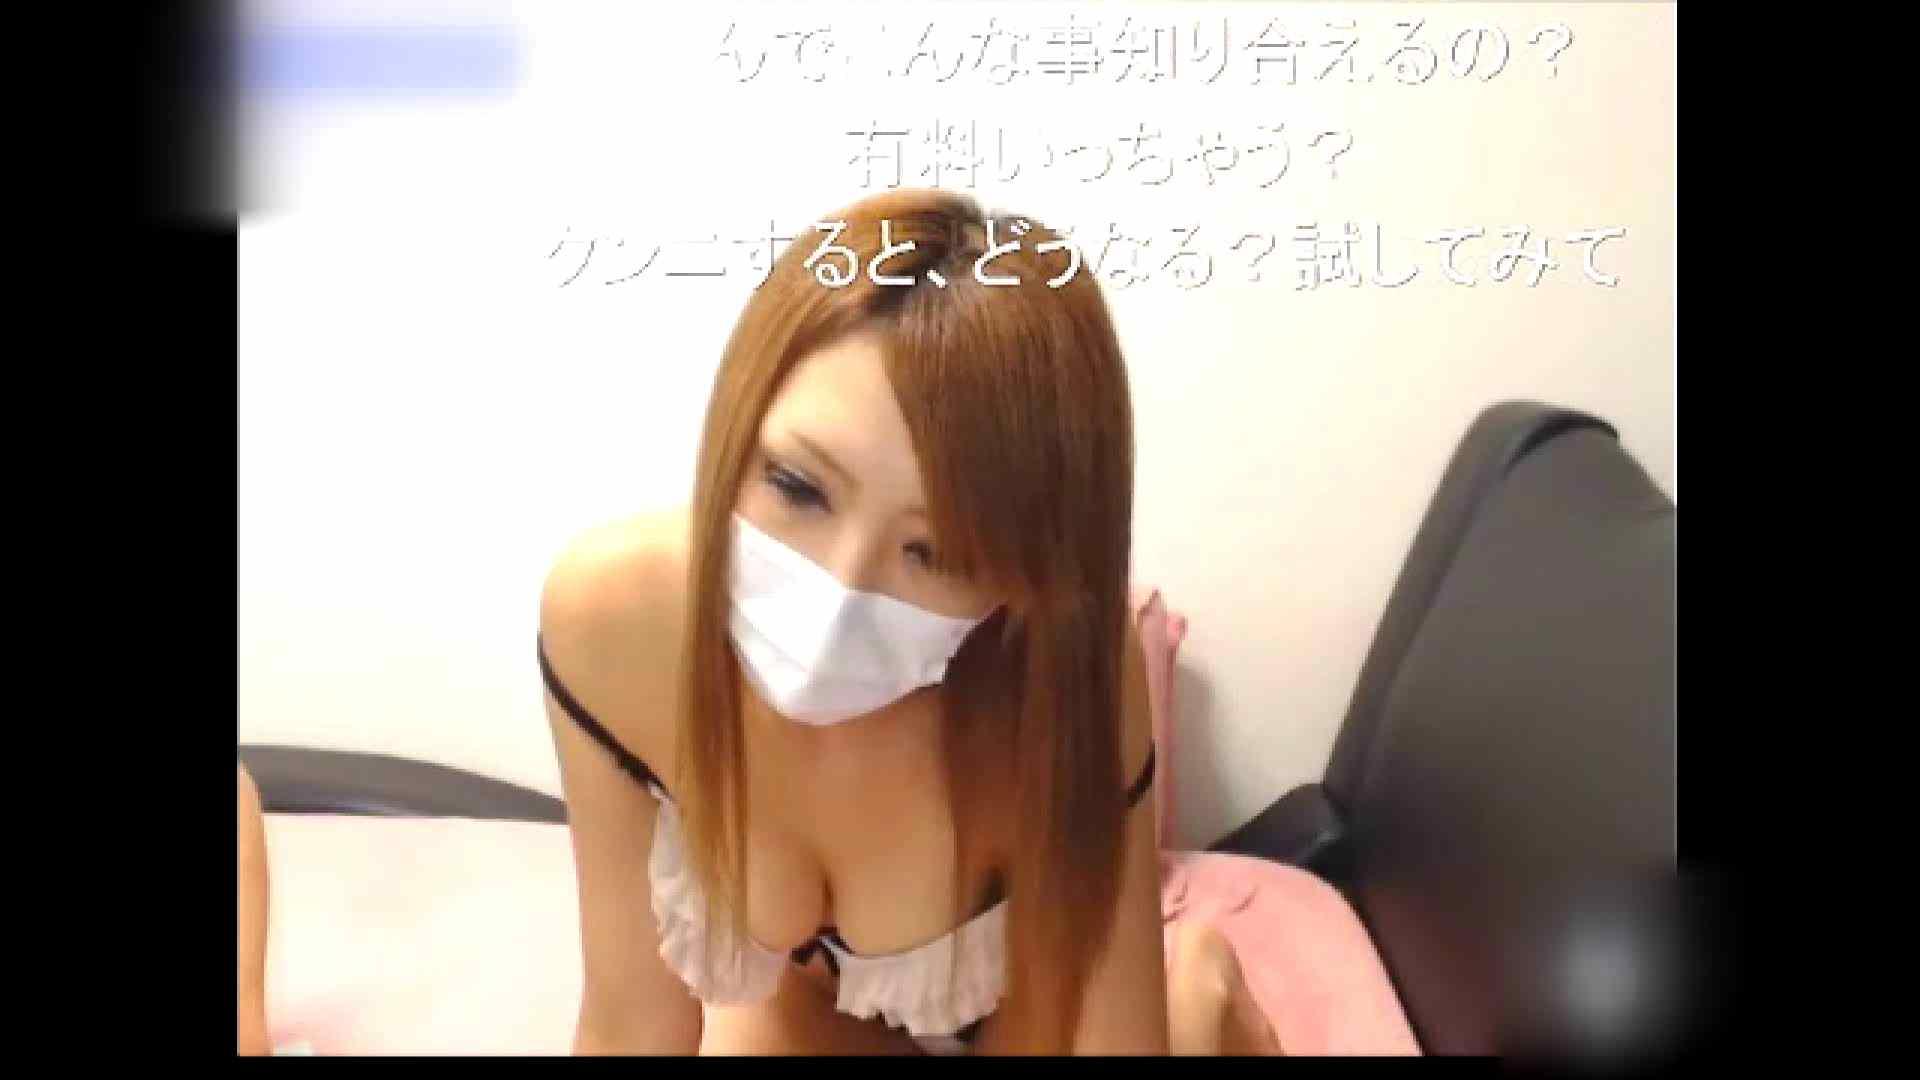 アッと驚くハメ五郎 Vol.05 綺麗なOLたち われめAV動画紹介 79枚 35